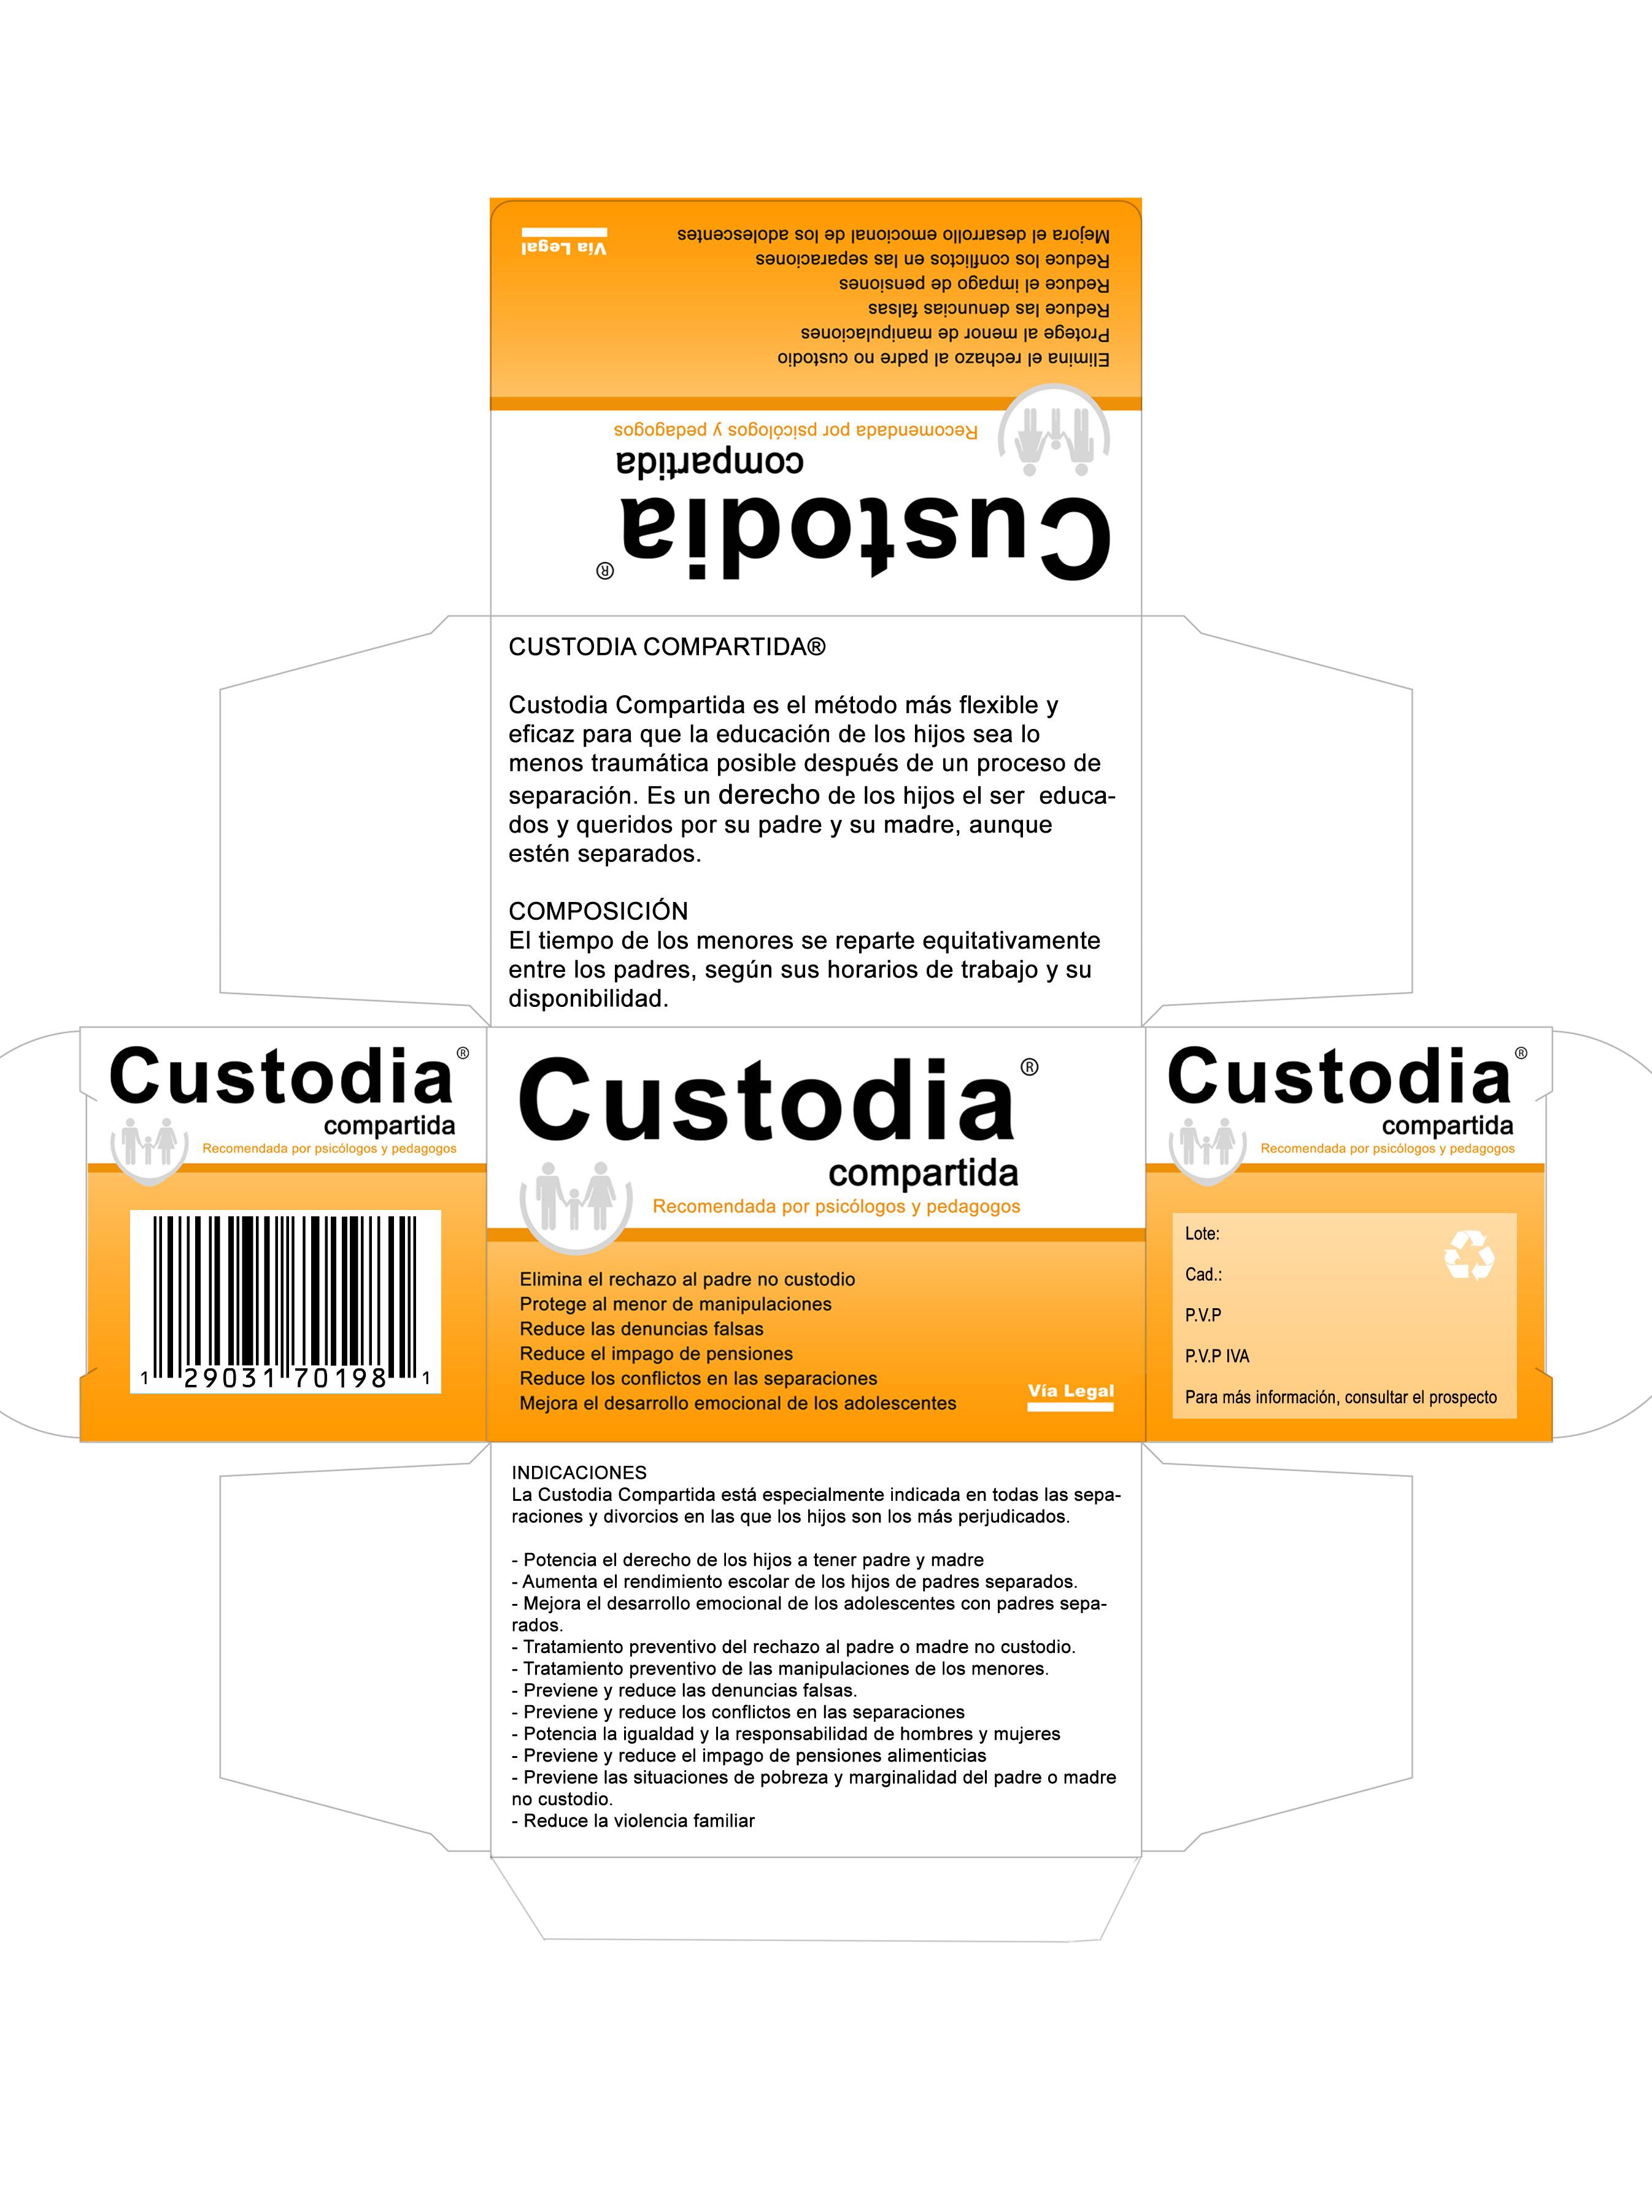 Caja del medicamento Custodia Compartida  Custodia compartida